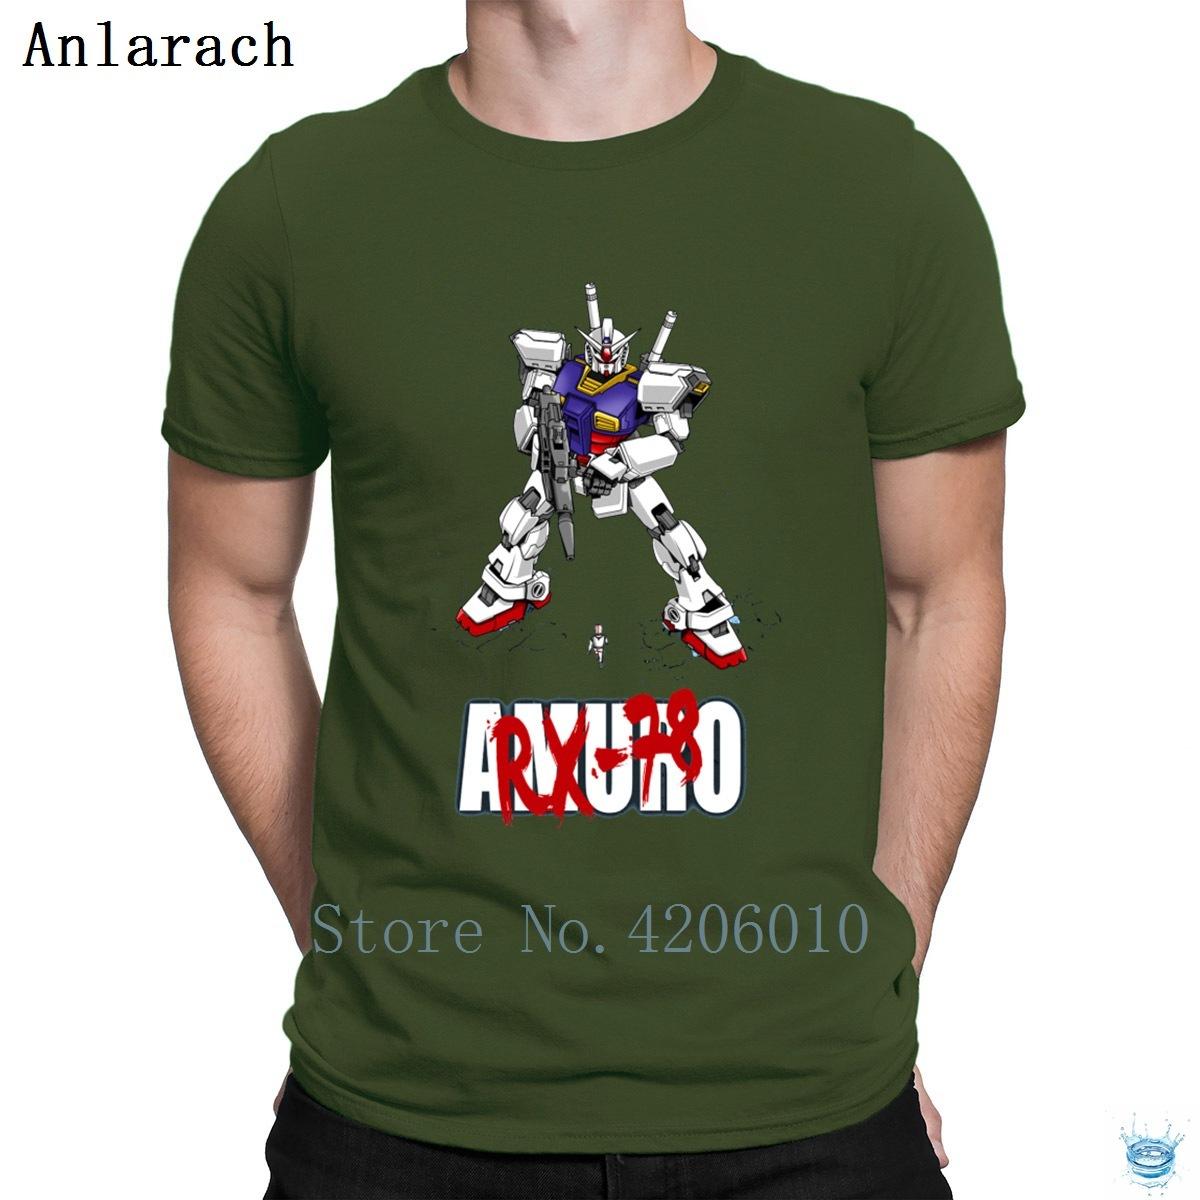 Gundam Rx 78 Tshirt À La Mode Designer Fit Vintage T Shirt Pour Hommes 100% Coton Costume Lumière Du Soleil Populaire